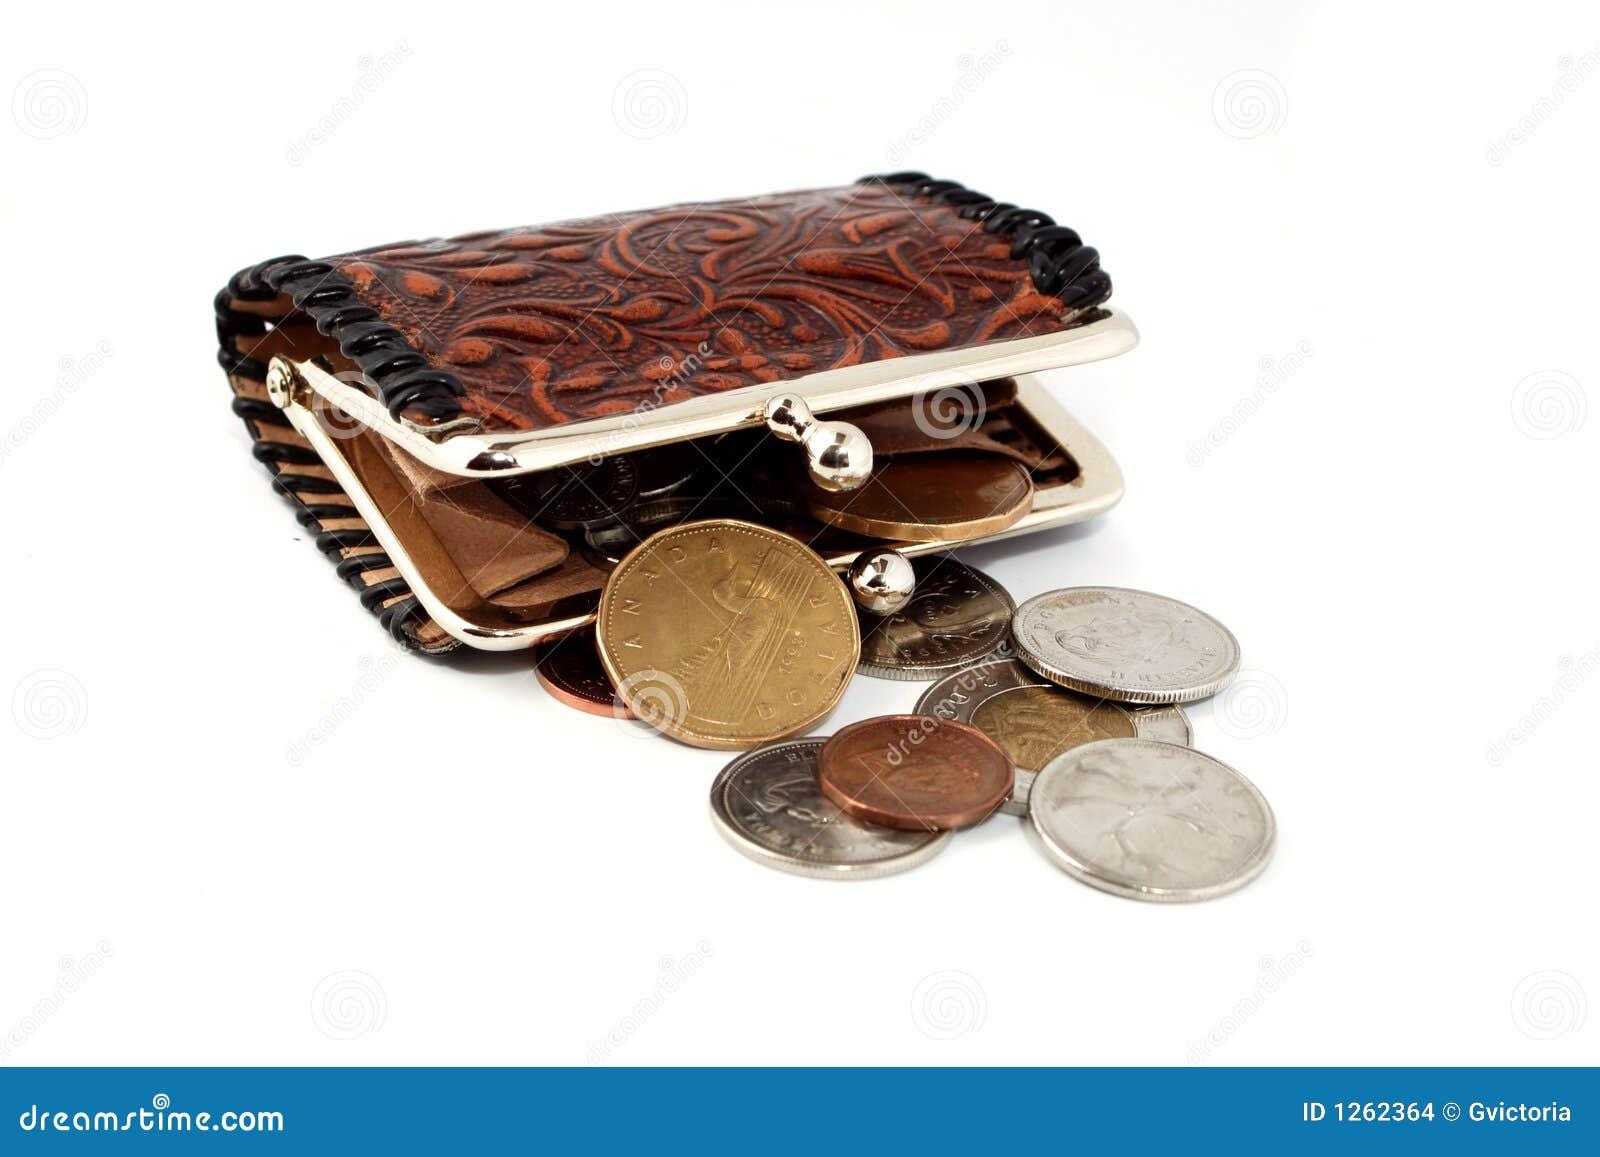 money change purse stock images image 1262364 purse clip art png purse clipart outline